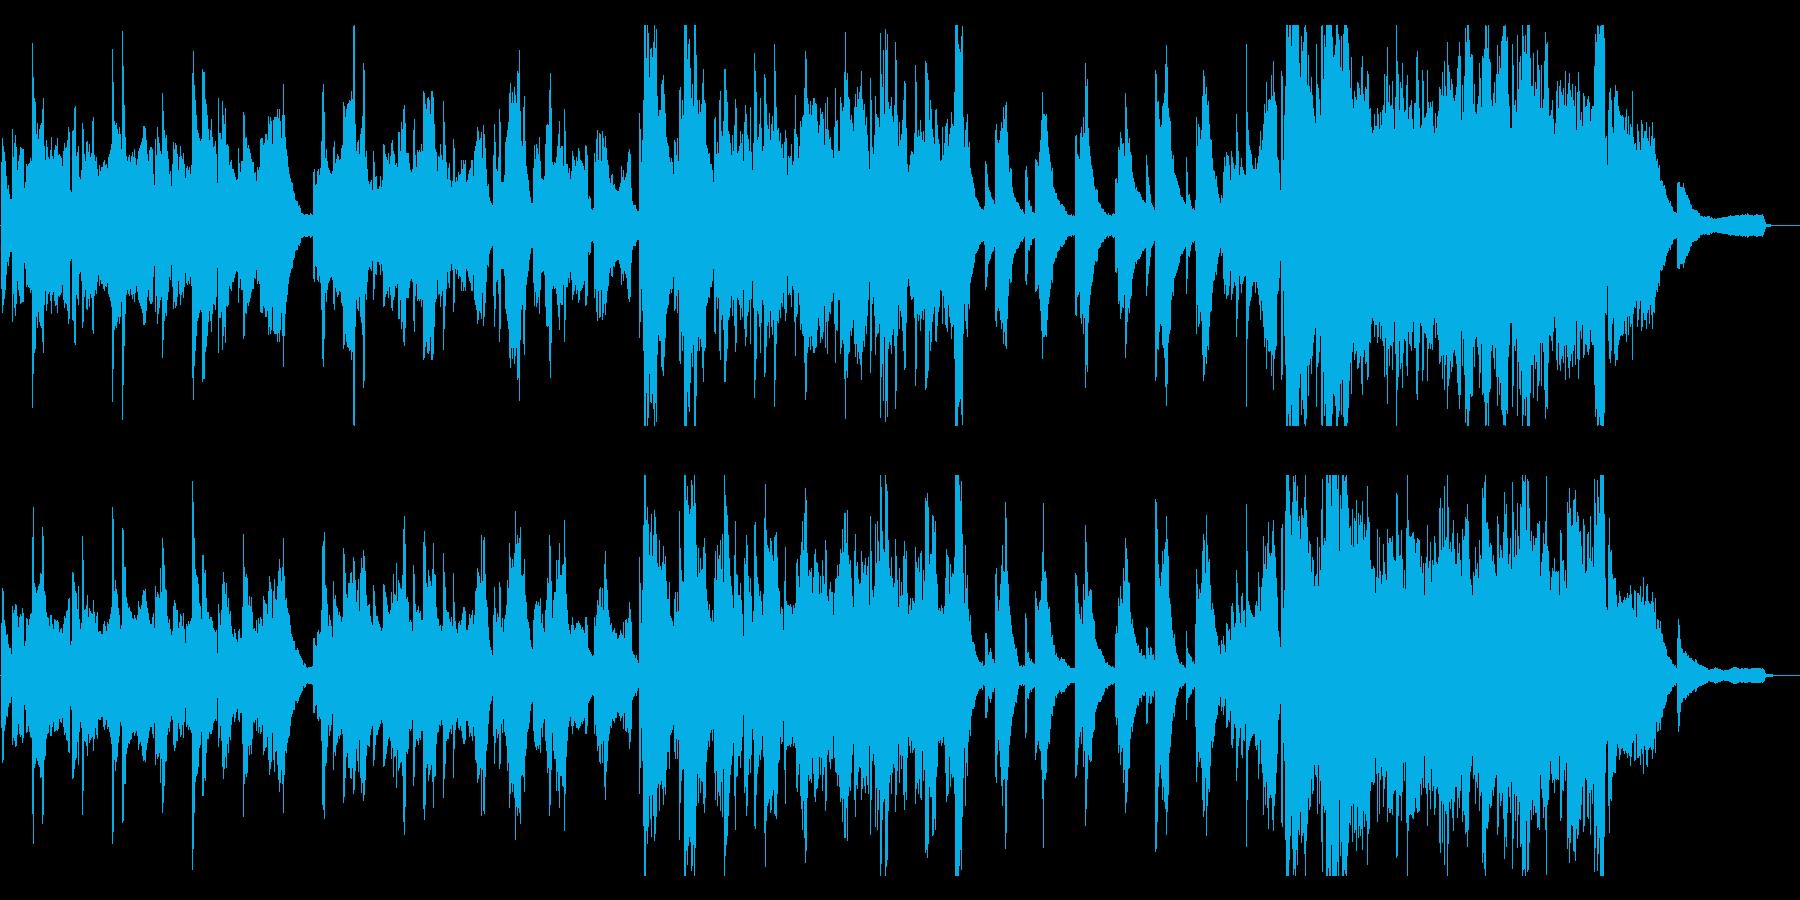 和風 バラード・伸びやかな二胡の再生済みの波形